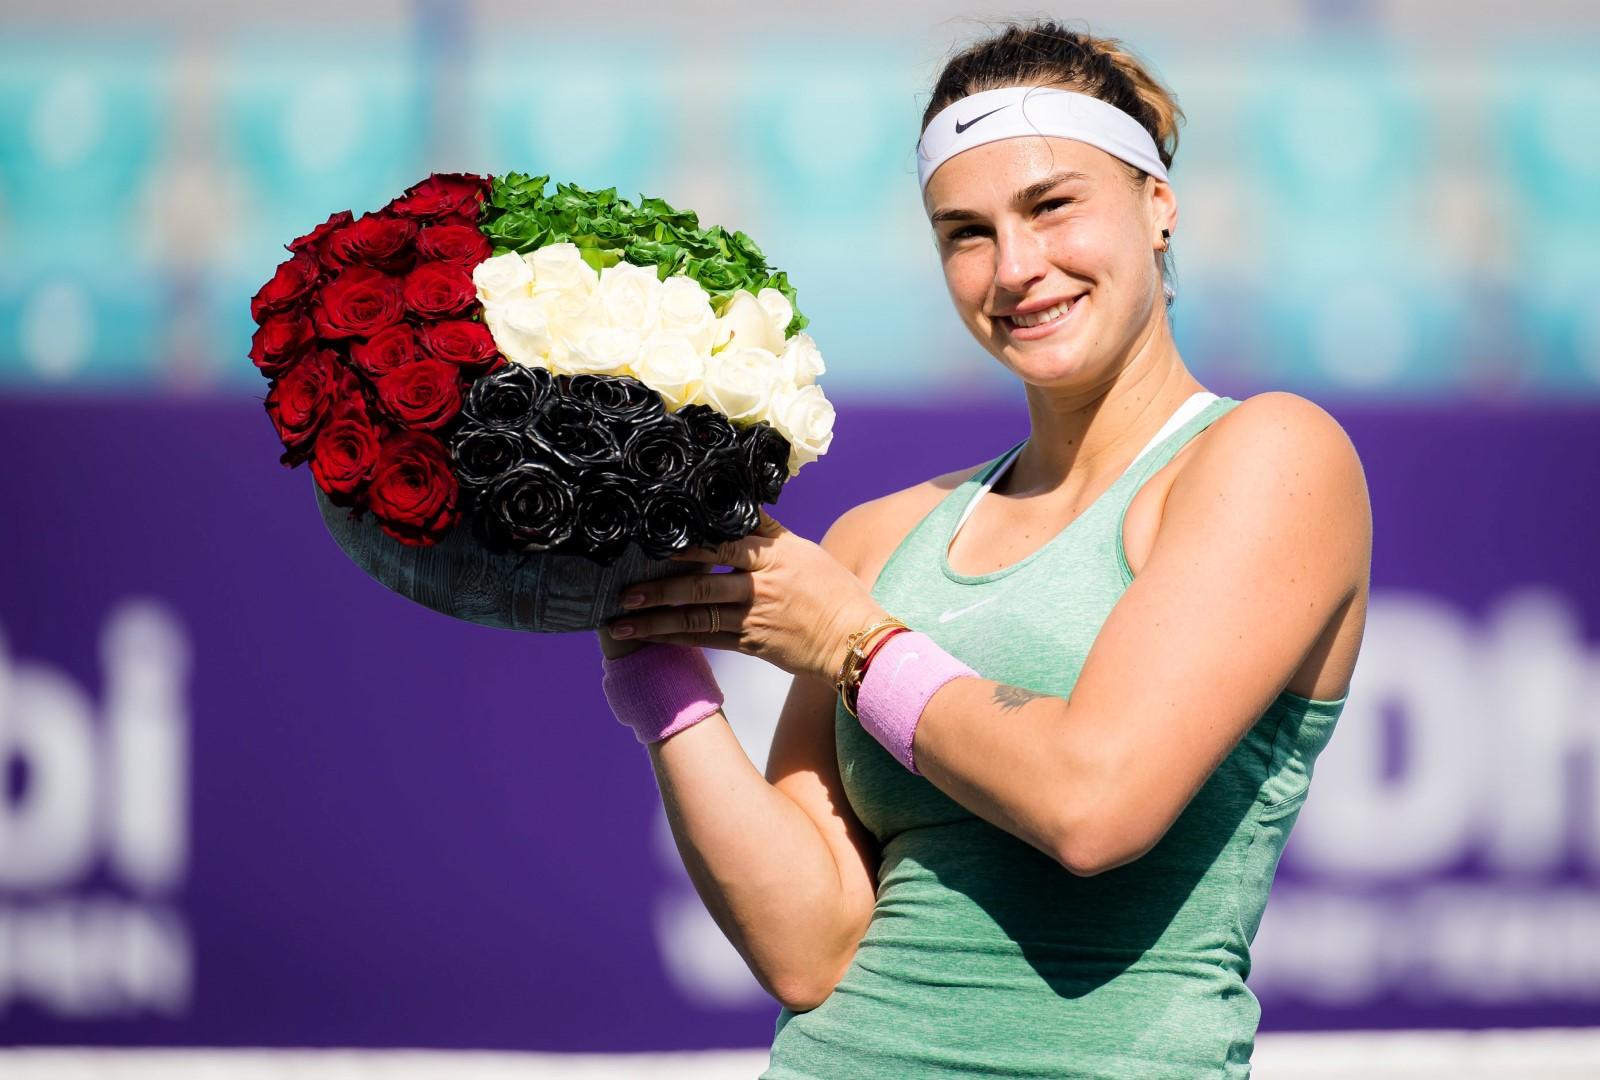 البيلاروسية سابالينكا تفوز بلقب بطولة أبوظبي المفتوحة لتنس السيدات المحترفات